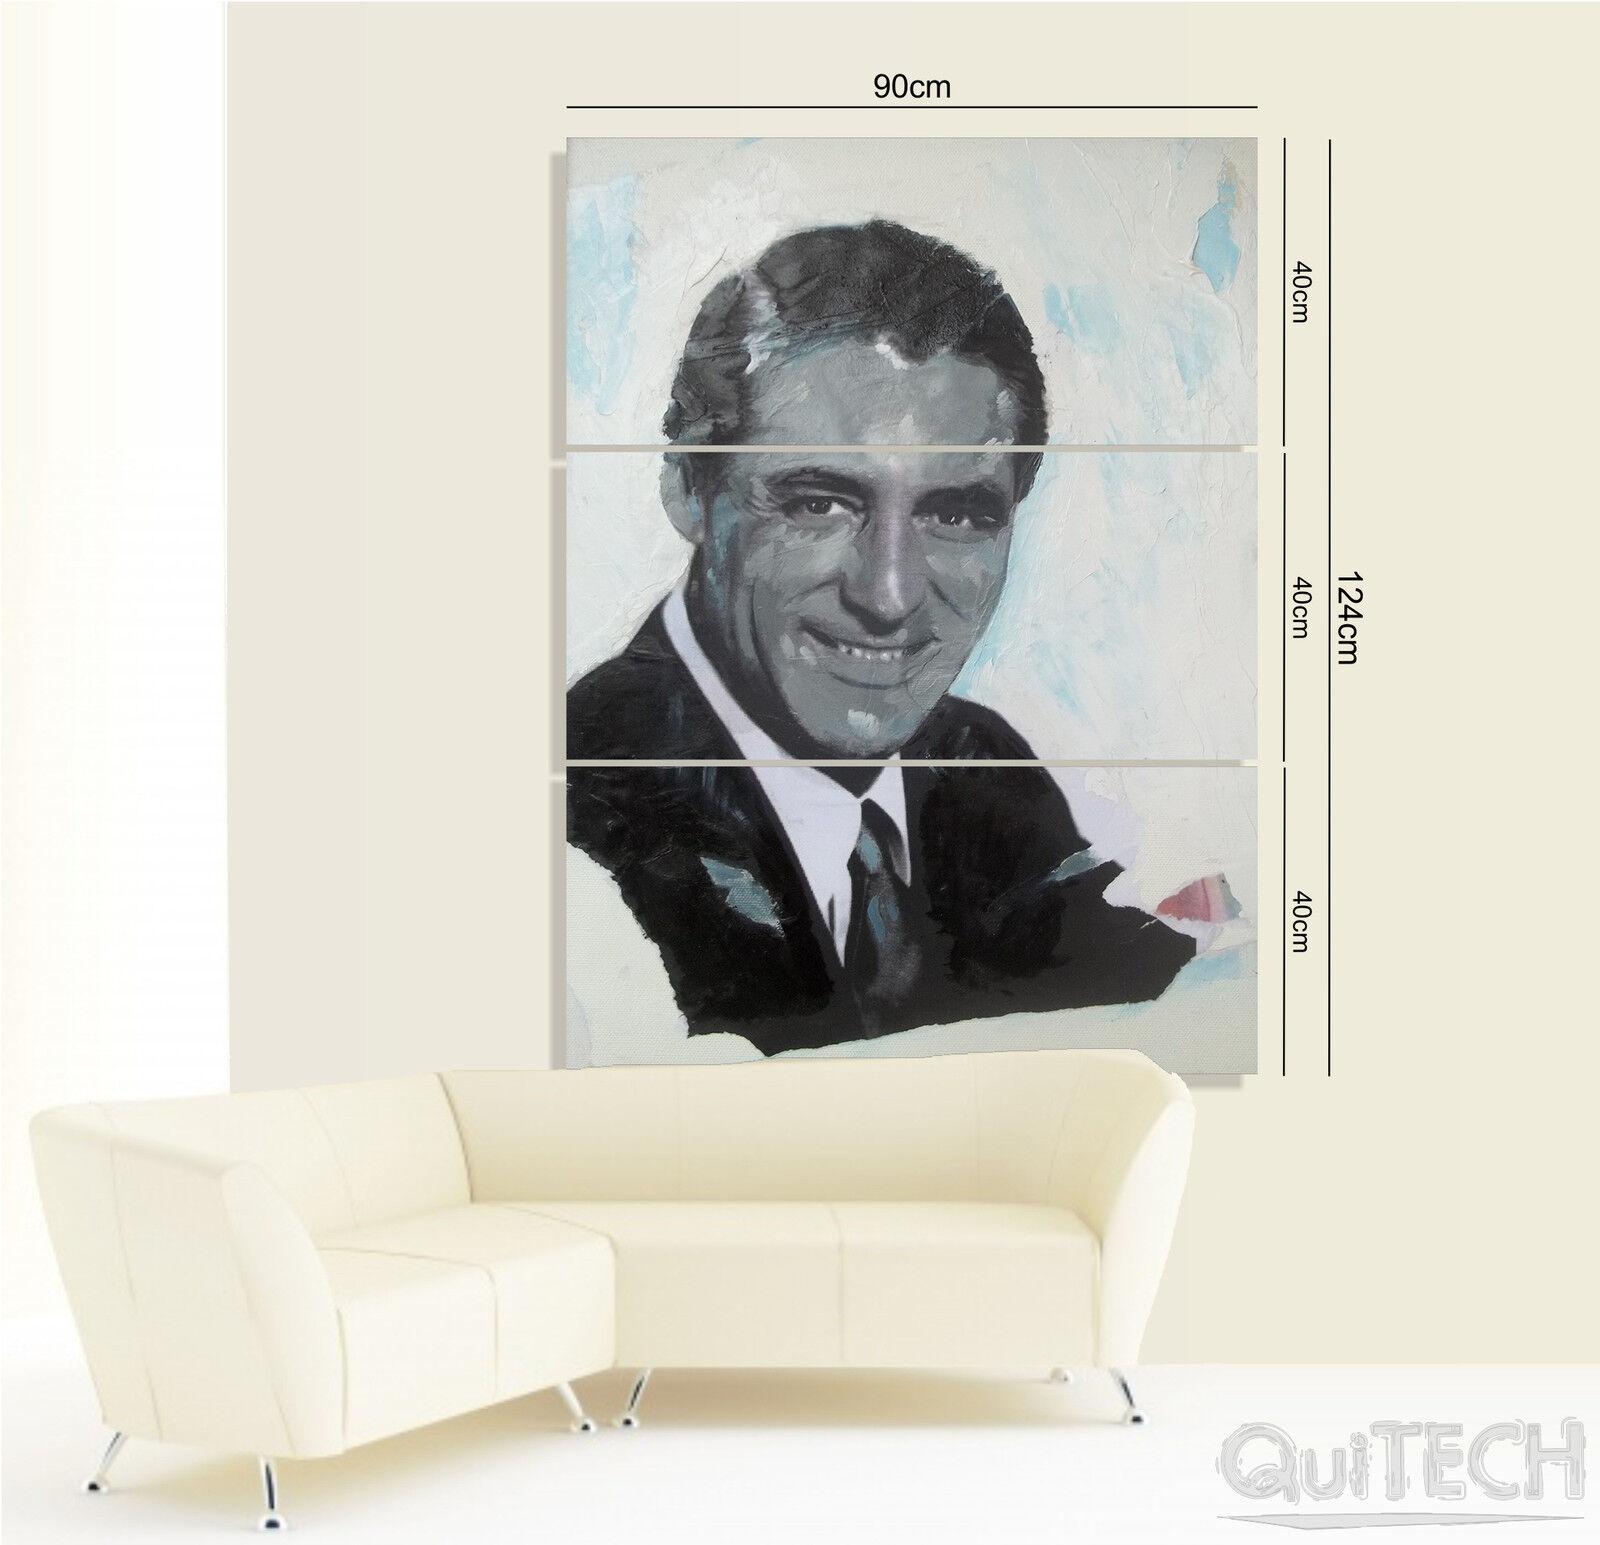 Gianfranco Alessio - Quadro Cary Grant - Quadro - stampa su Tela Riproduzioni d70e6f